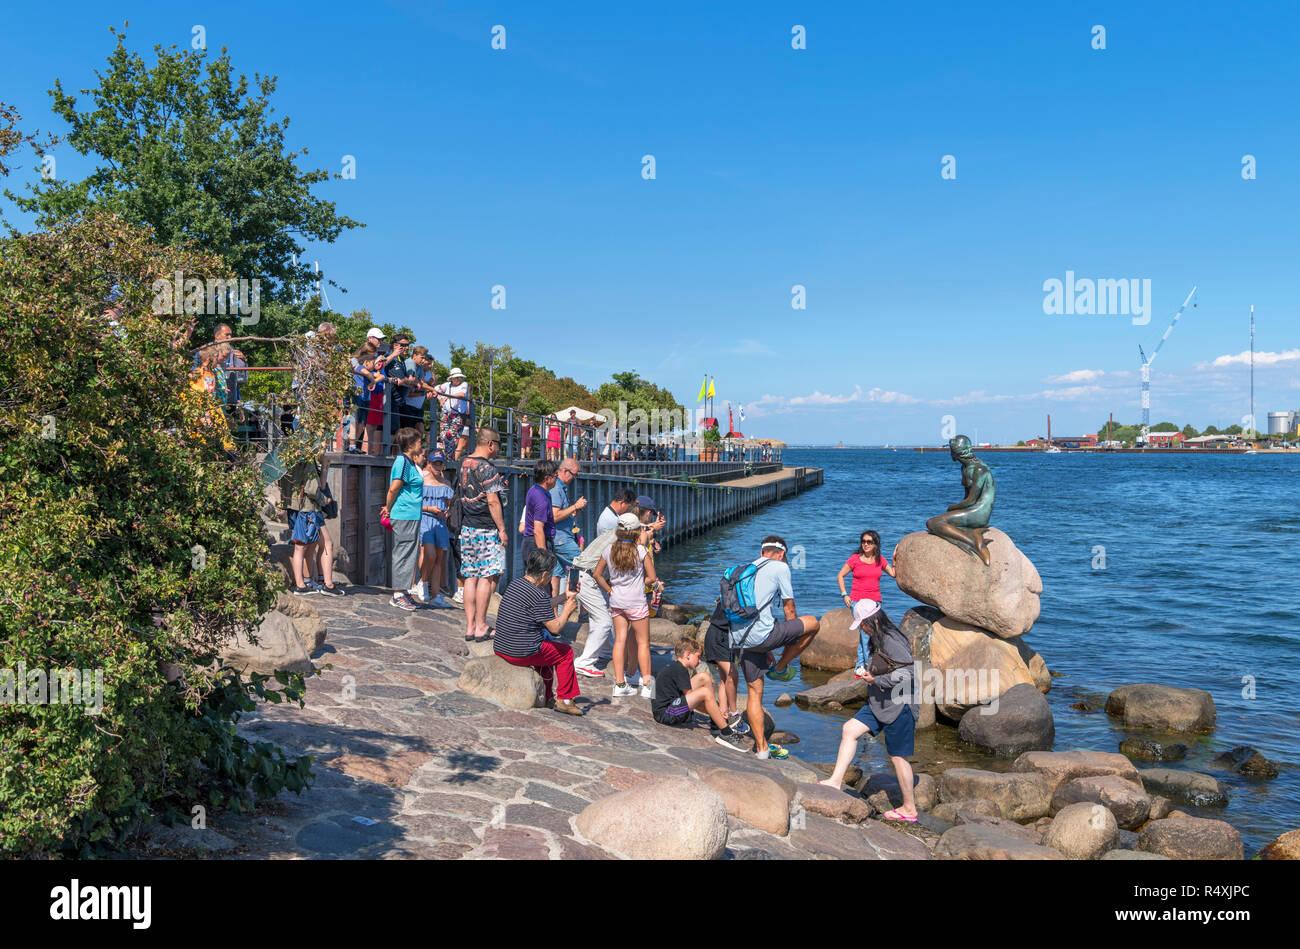 Les touristes qui pose pour photos de la Petite Sirène (Den lille havfrue), Copenhague, Danemark Photo Stock